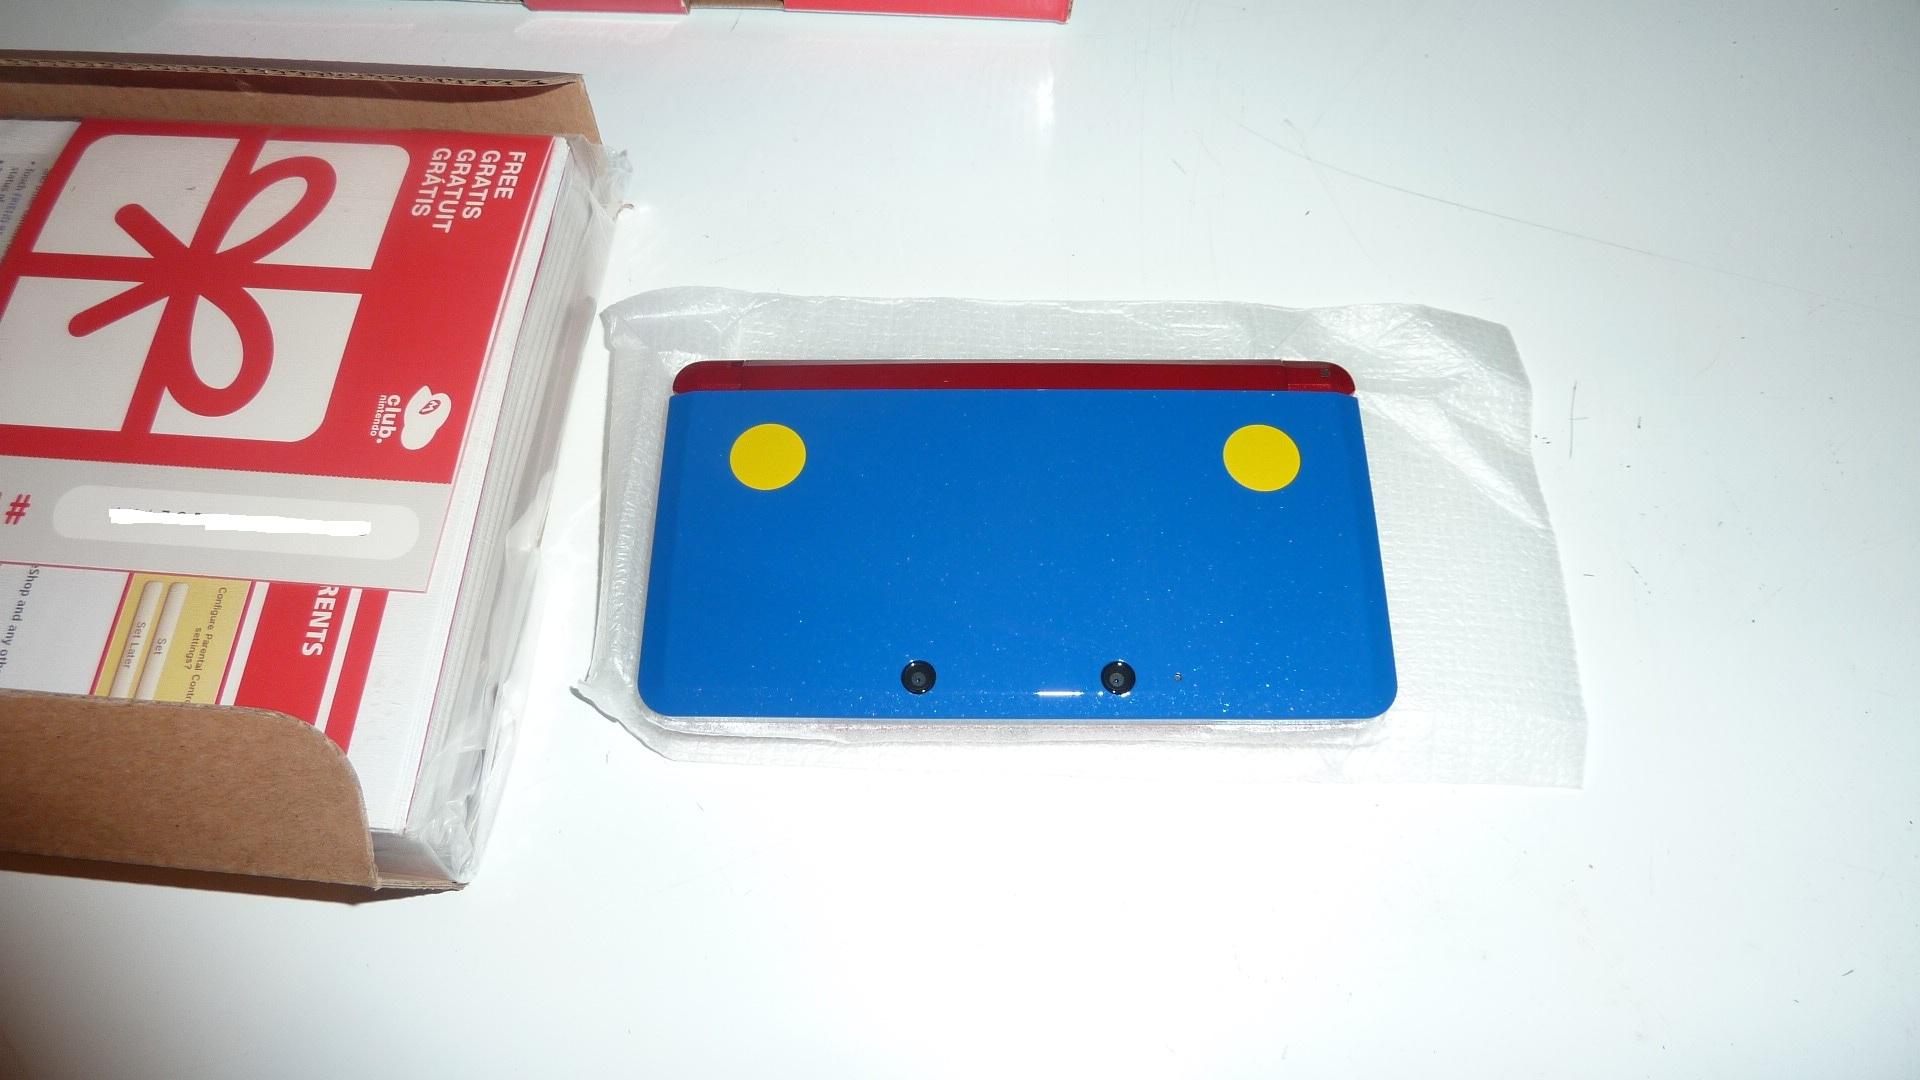 [EXCLU TOTAL] 3 nouvelles 3DS édition Mario, Peach et Toad !!! - Page 4 527243P1030718